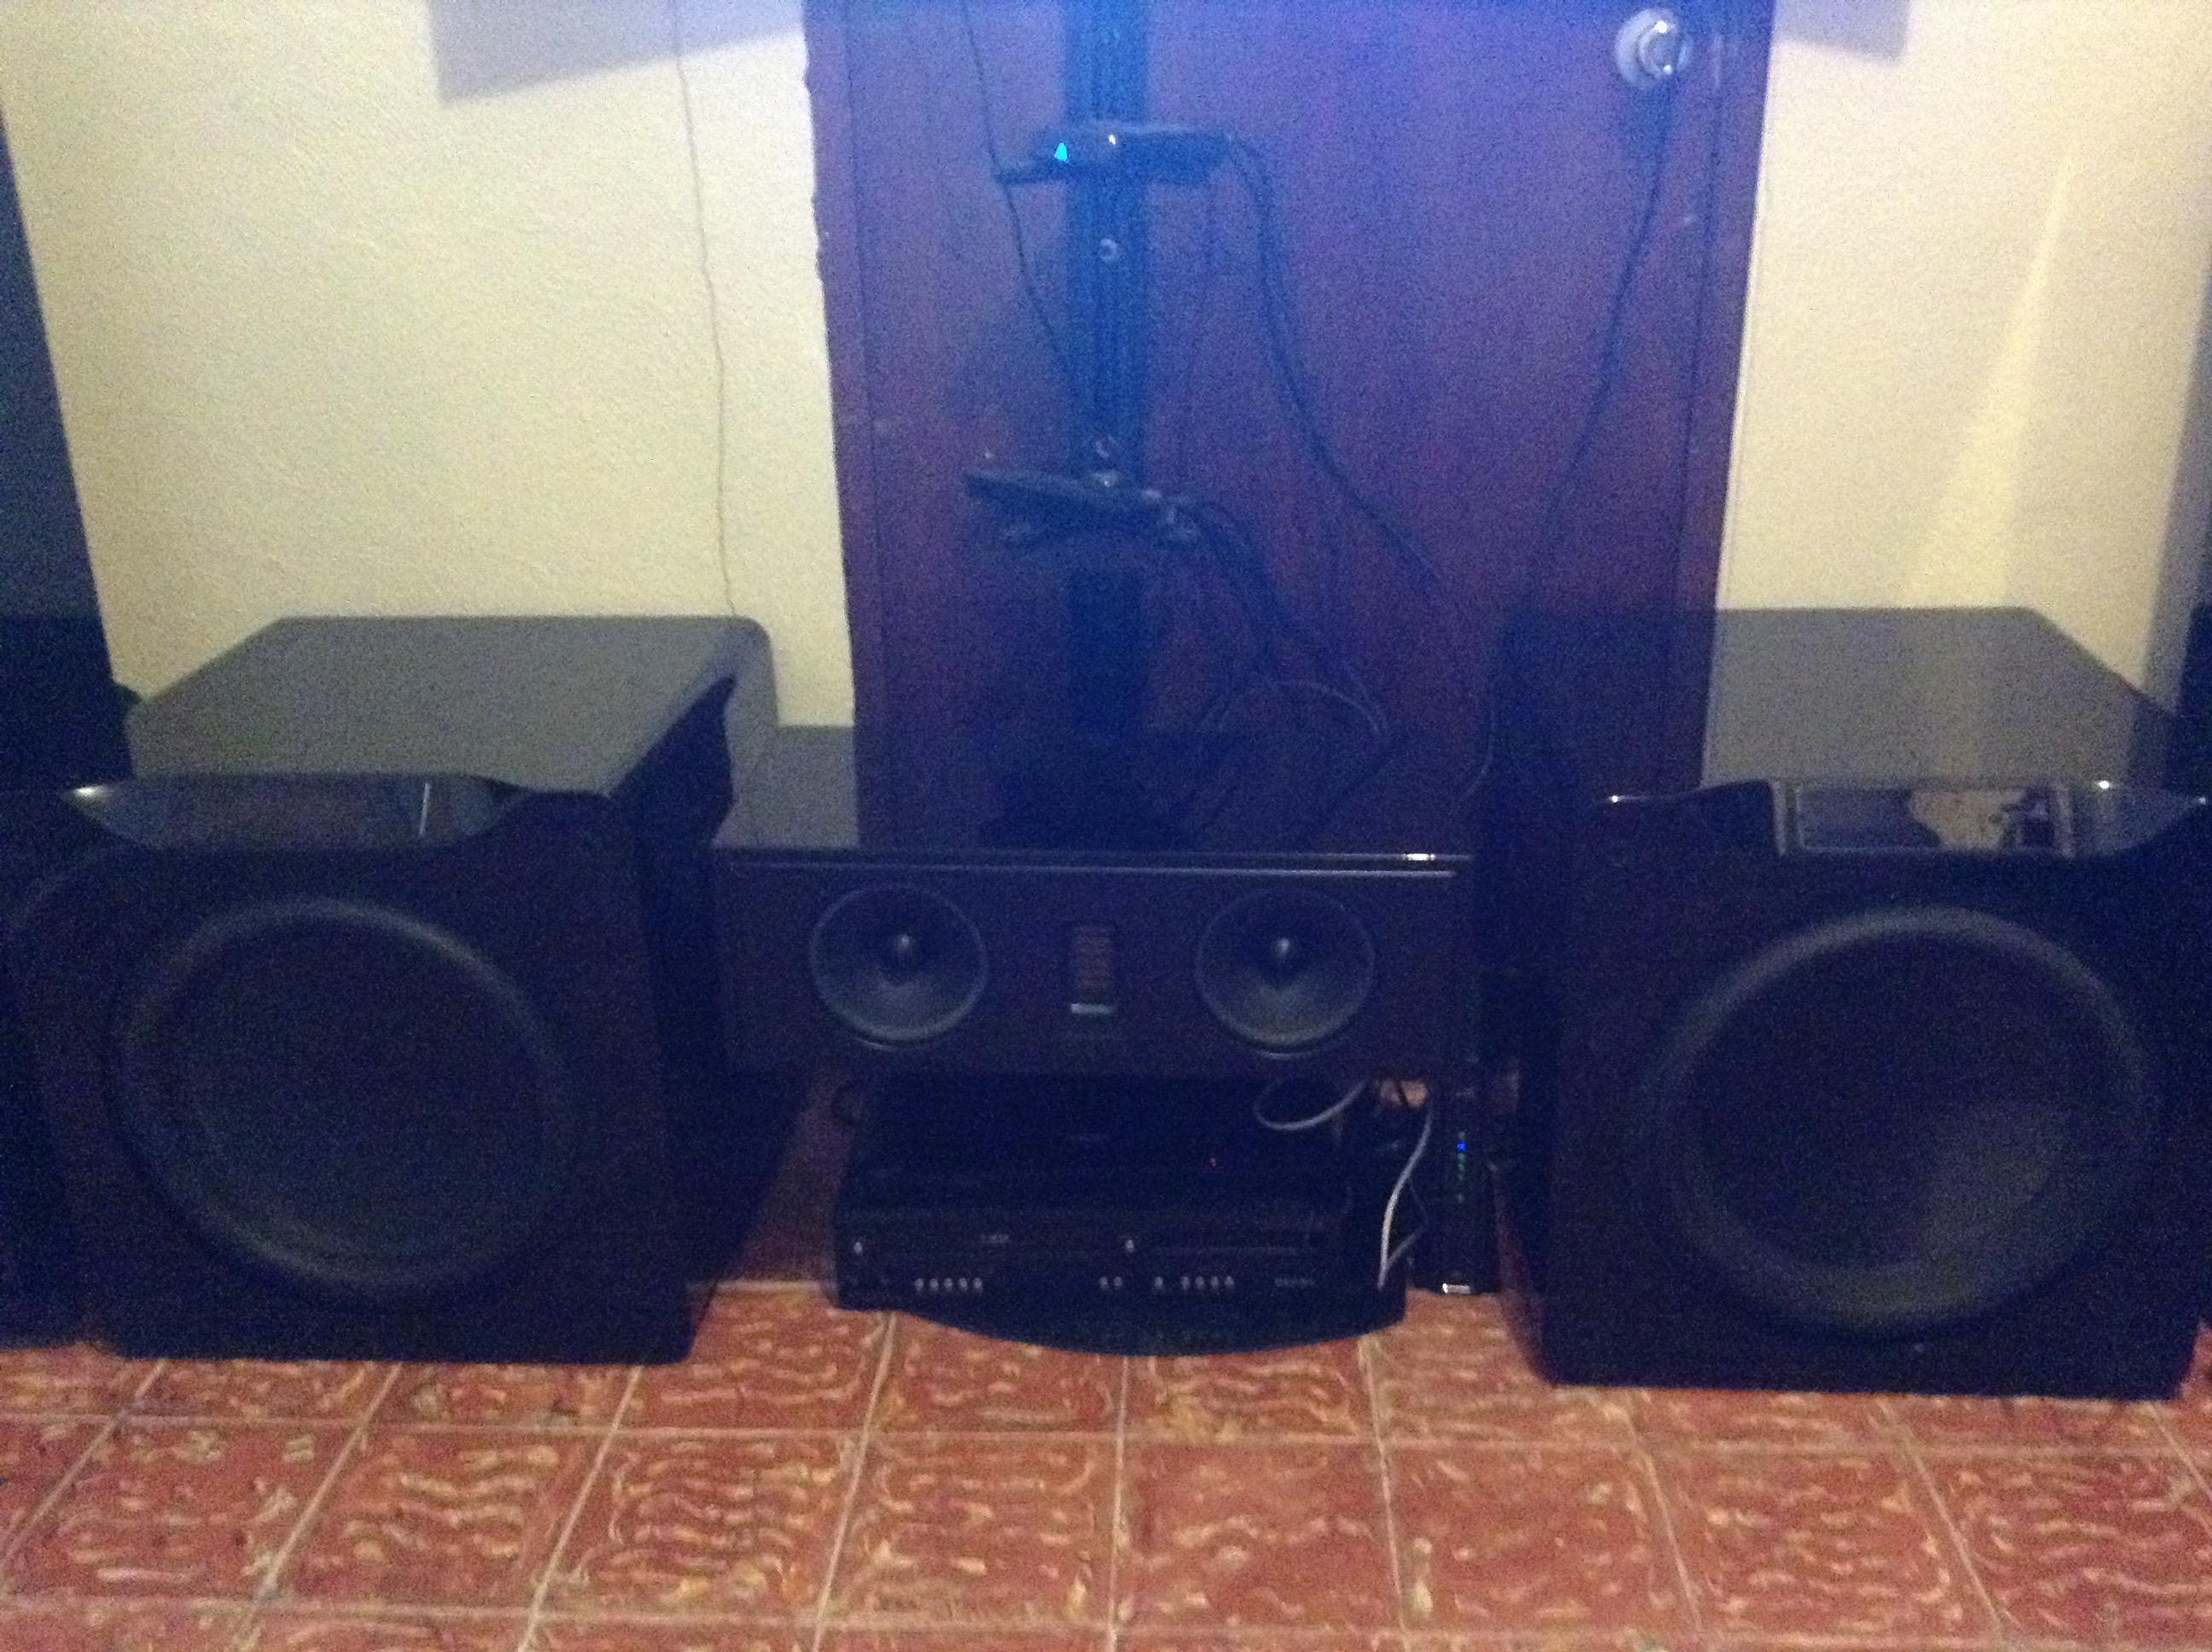 Marantz sr7011 and anthem mrx 1120 much diference in sound? | AVForums